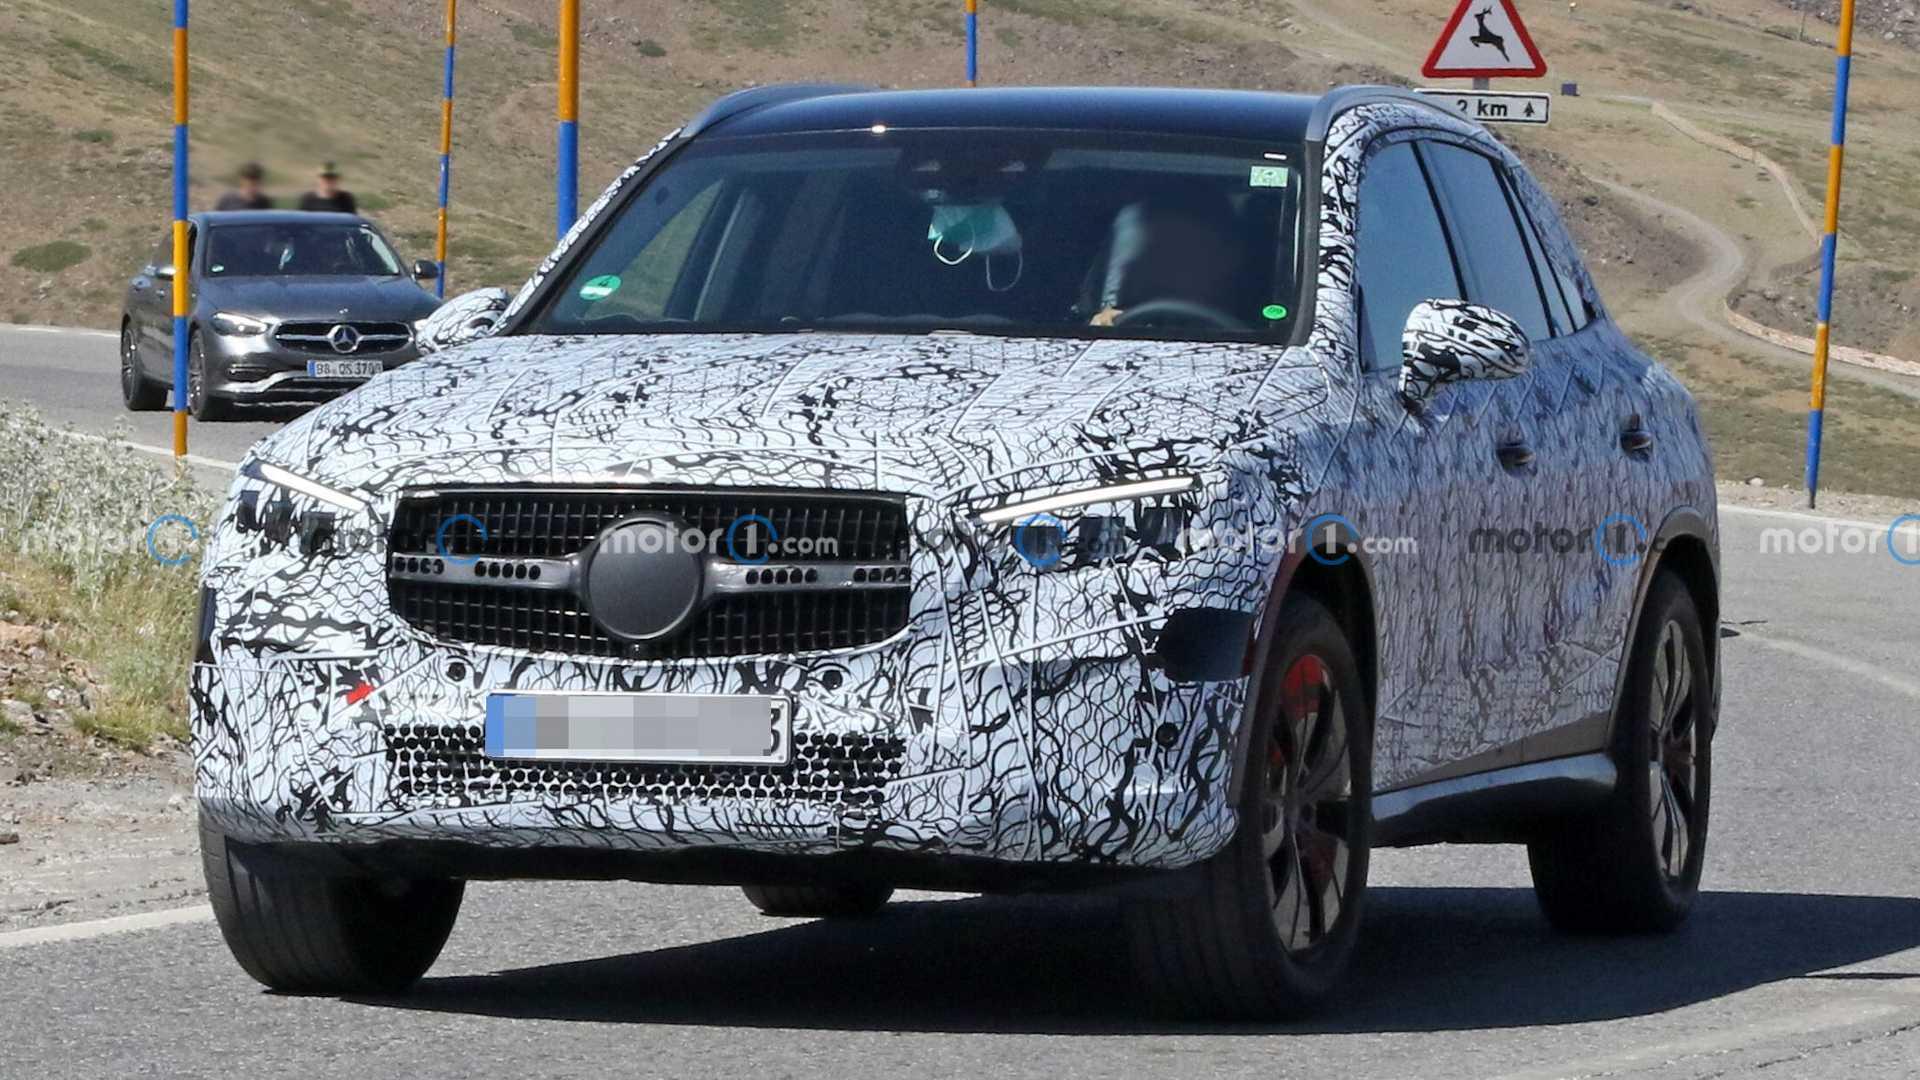 Нынешнее поколение Mercedes-Benz GLC серии X 253 оснащают разными моторами: это двухлитровые «четвёрки», трёхлитровые «шестёрки», четырёхлитровый V8 и два гибрида с подзарядкой. У преемника останутся лишь четырёхцилиндровые агрегаты – бензиновый M 254 и дизель OM 654 M, как у соплатформенного C-класса W206 на архитектуре MRA 2.